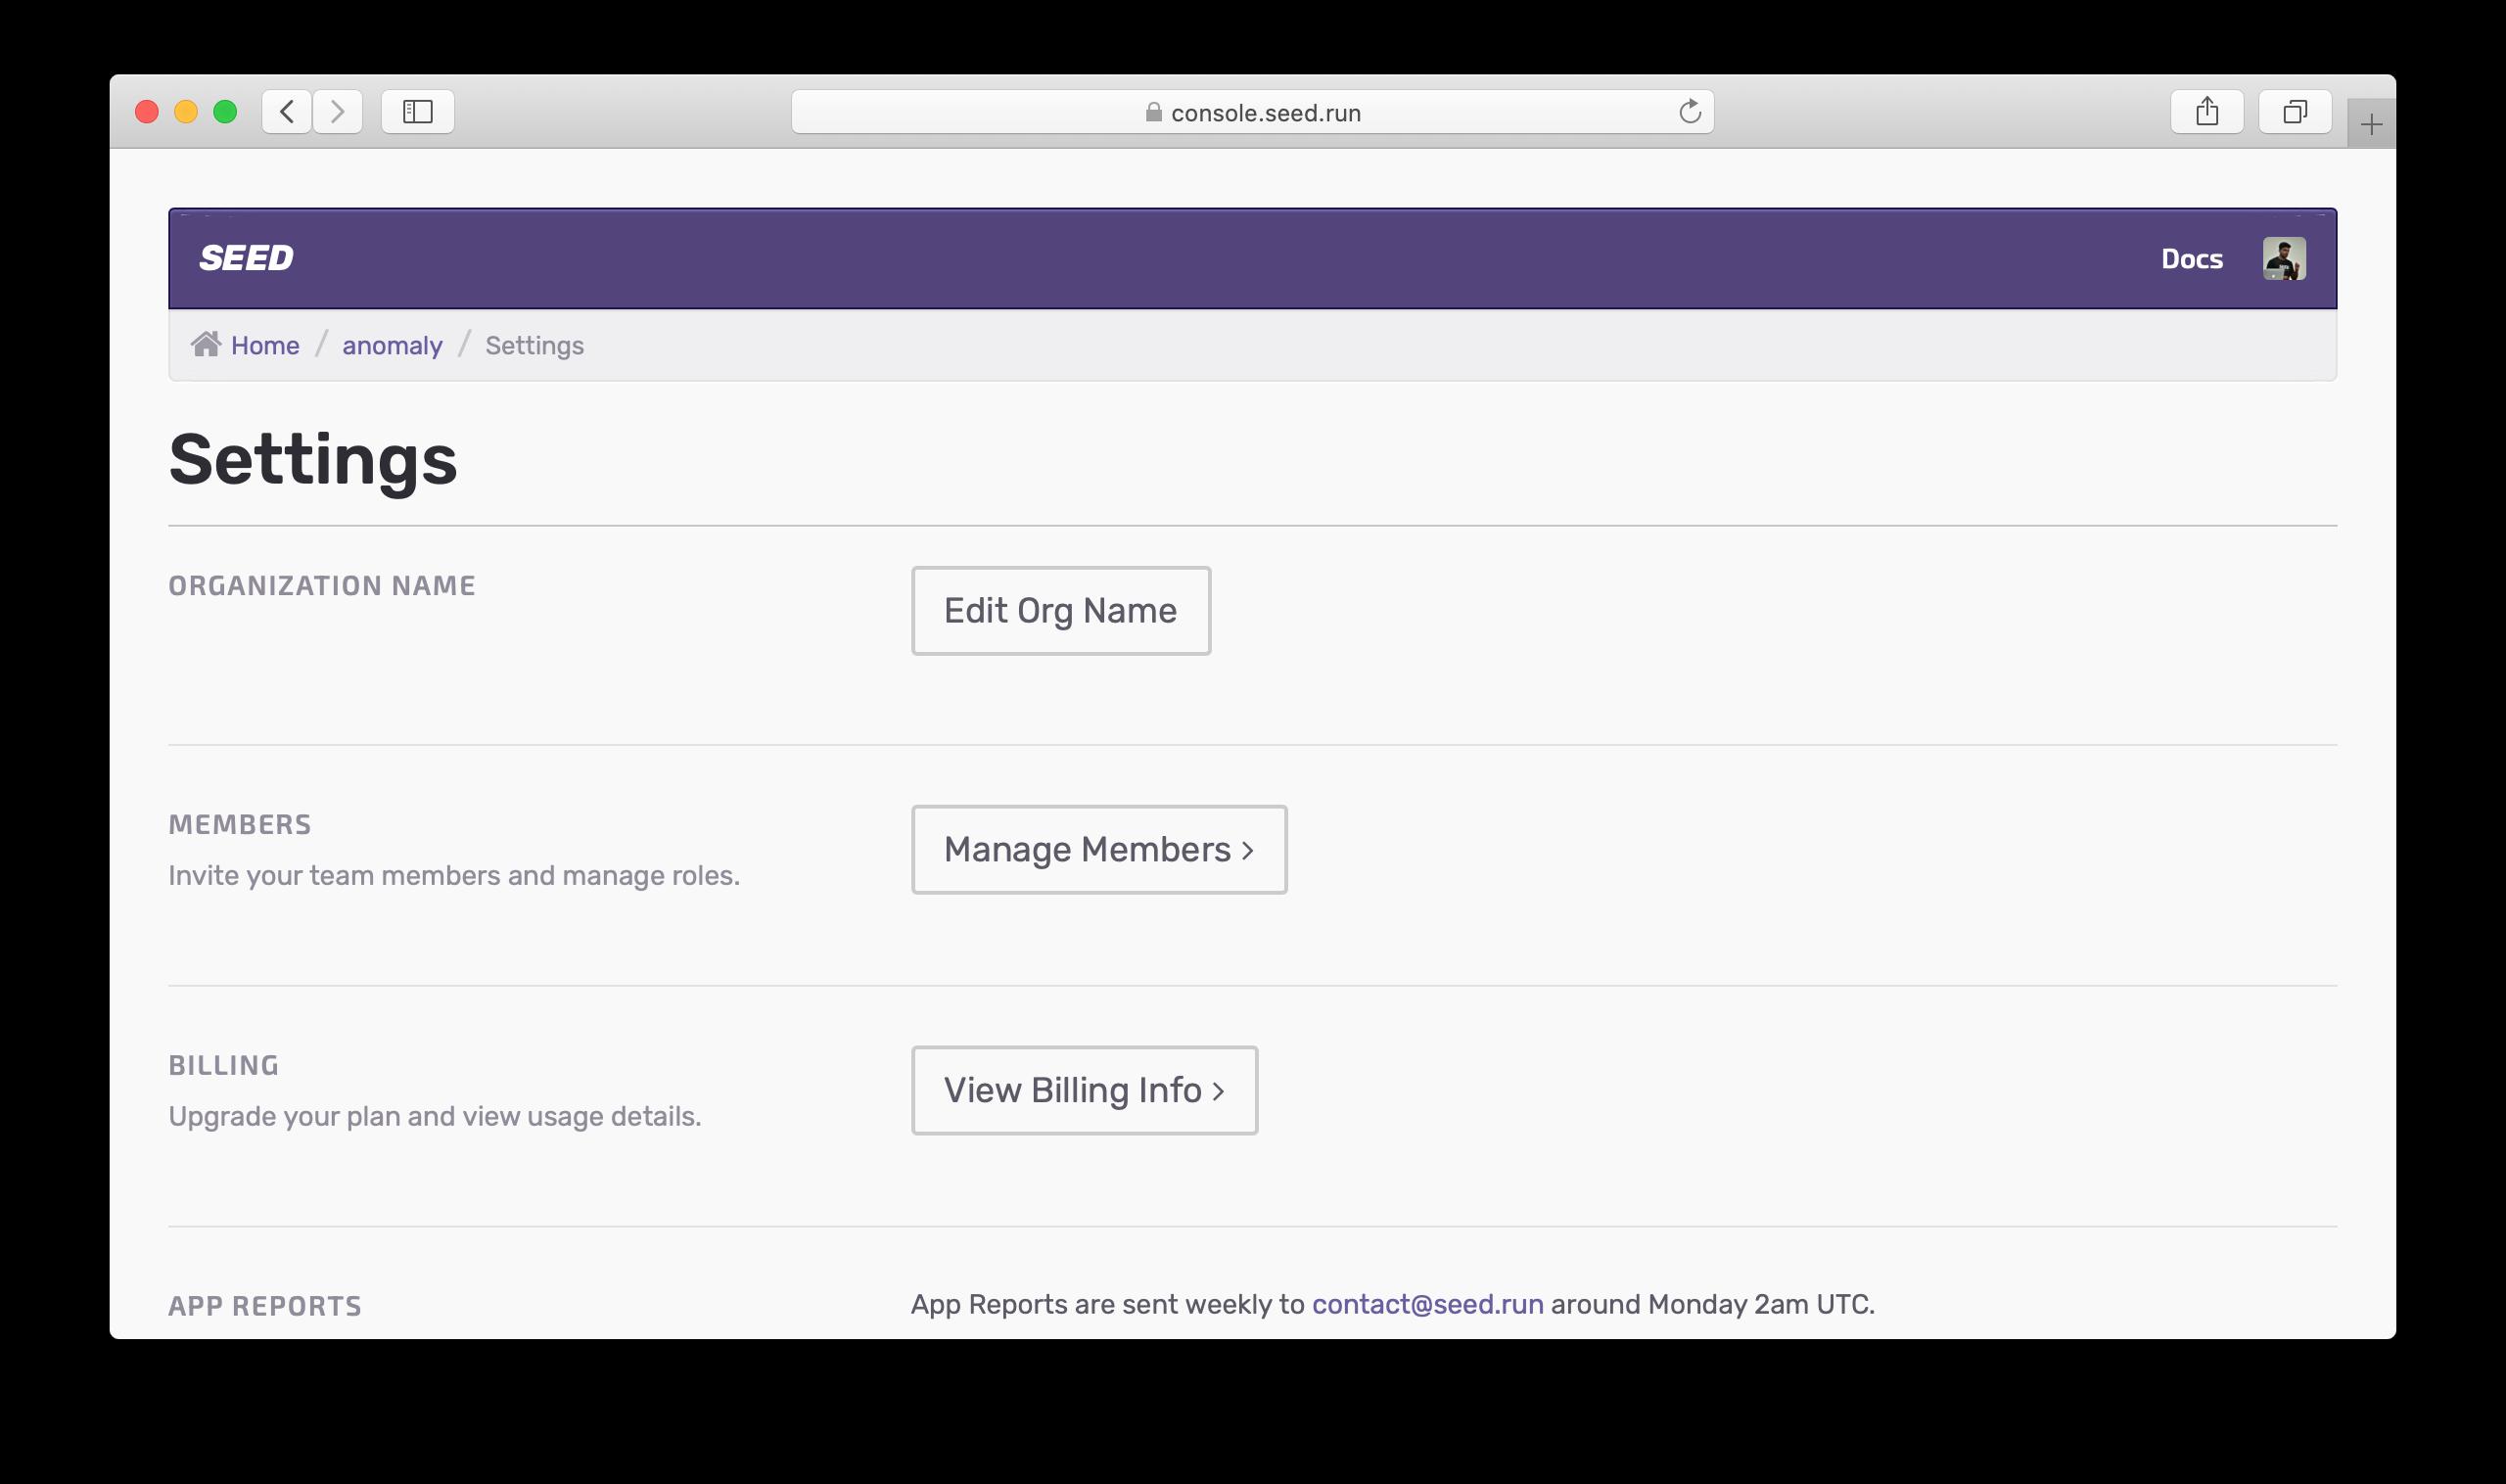 Organization settings on Seed